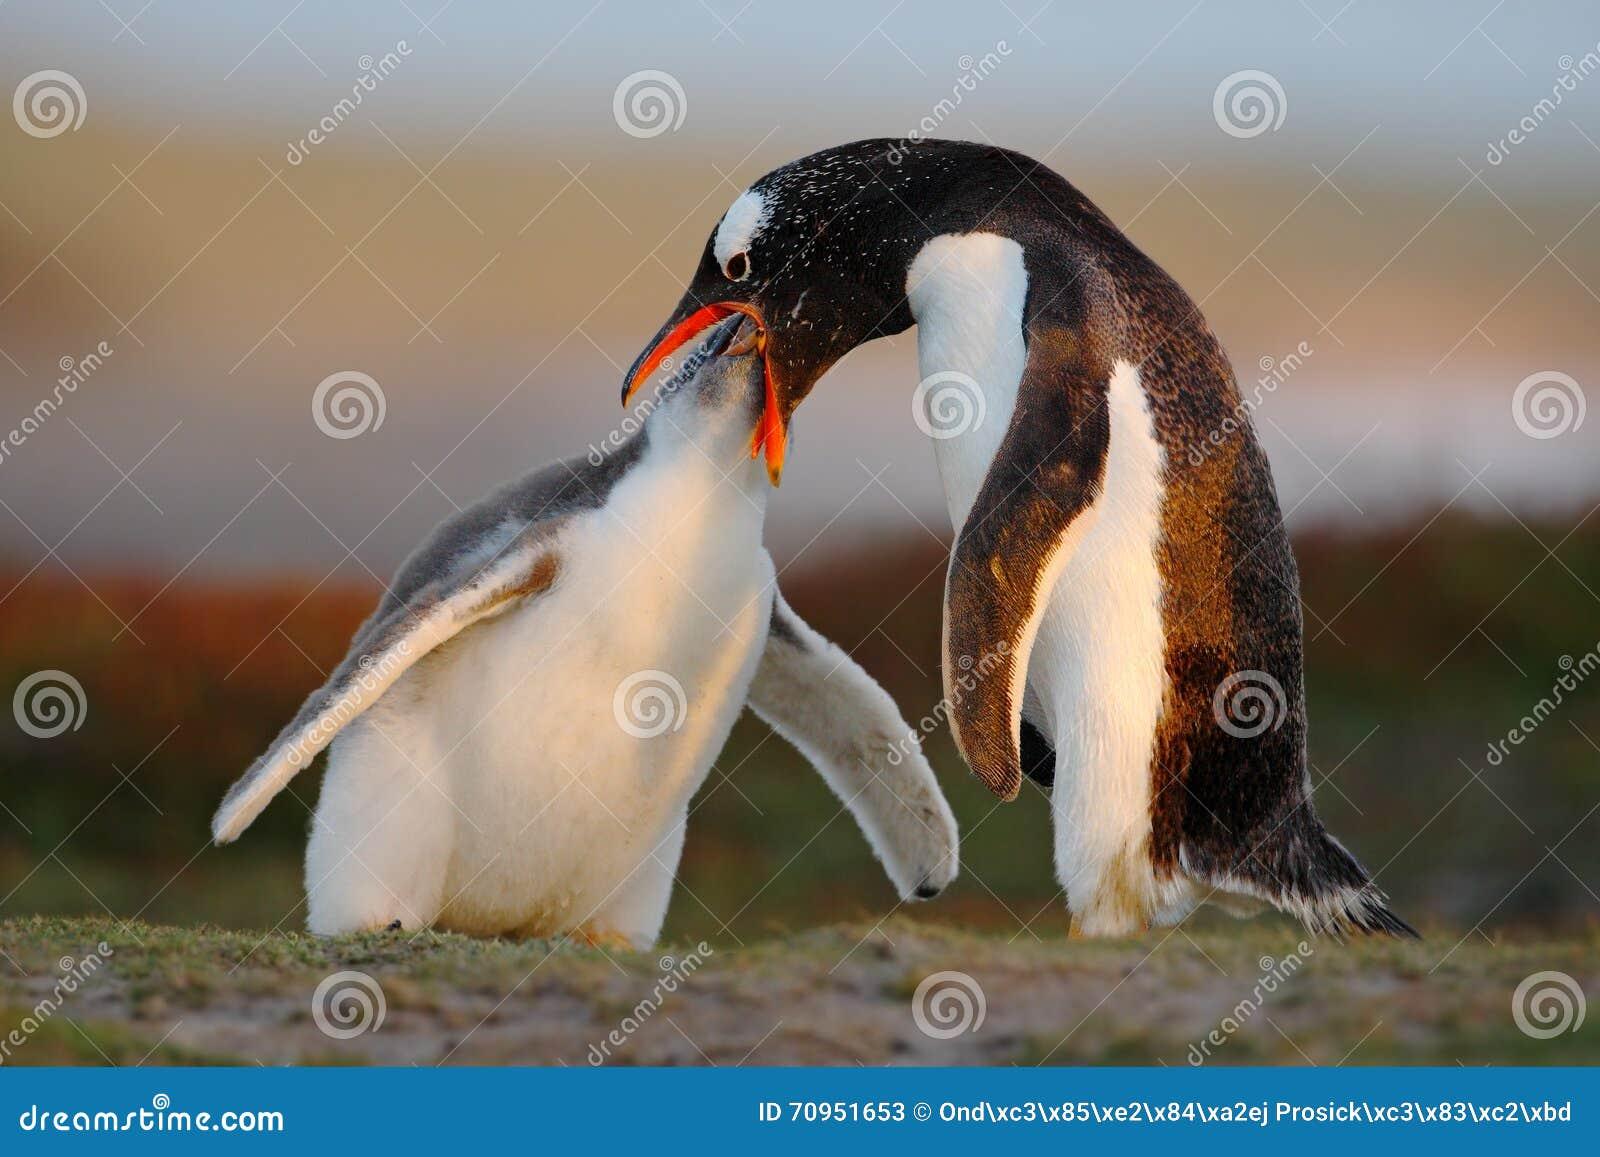 Het voeden scène Het jonge beging voedsel van de gentoopinguïn naast volwassen gentoopinguïn, de Falkland Eilanden Pinguïnen in h